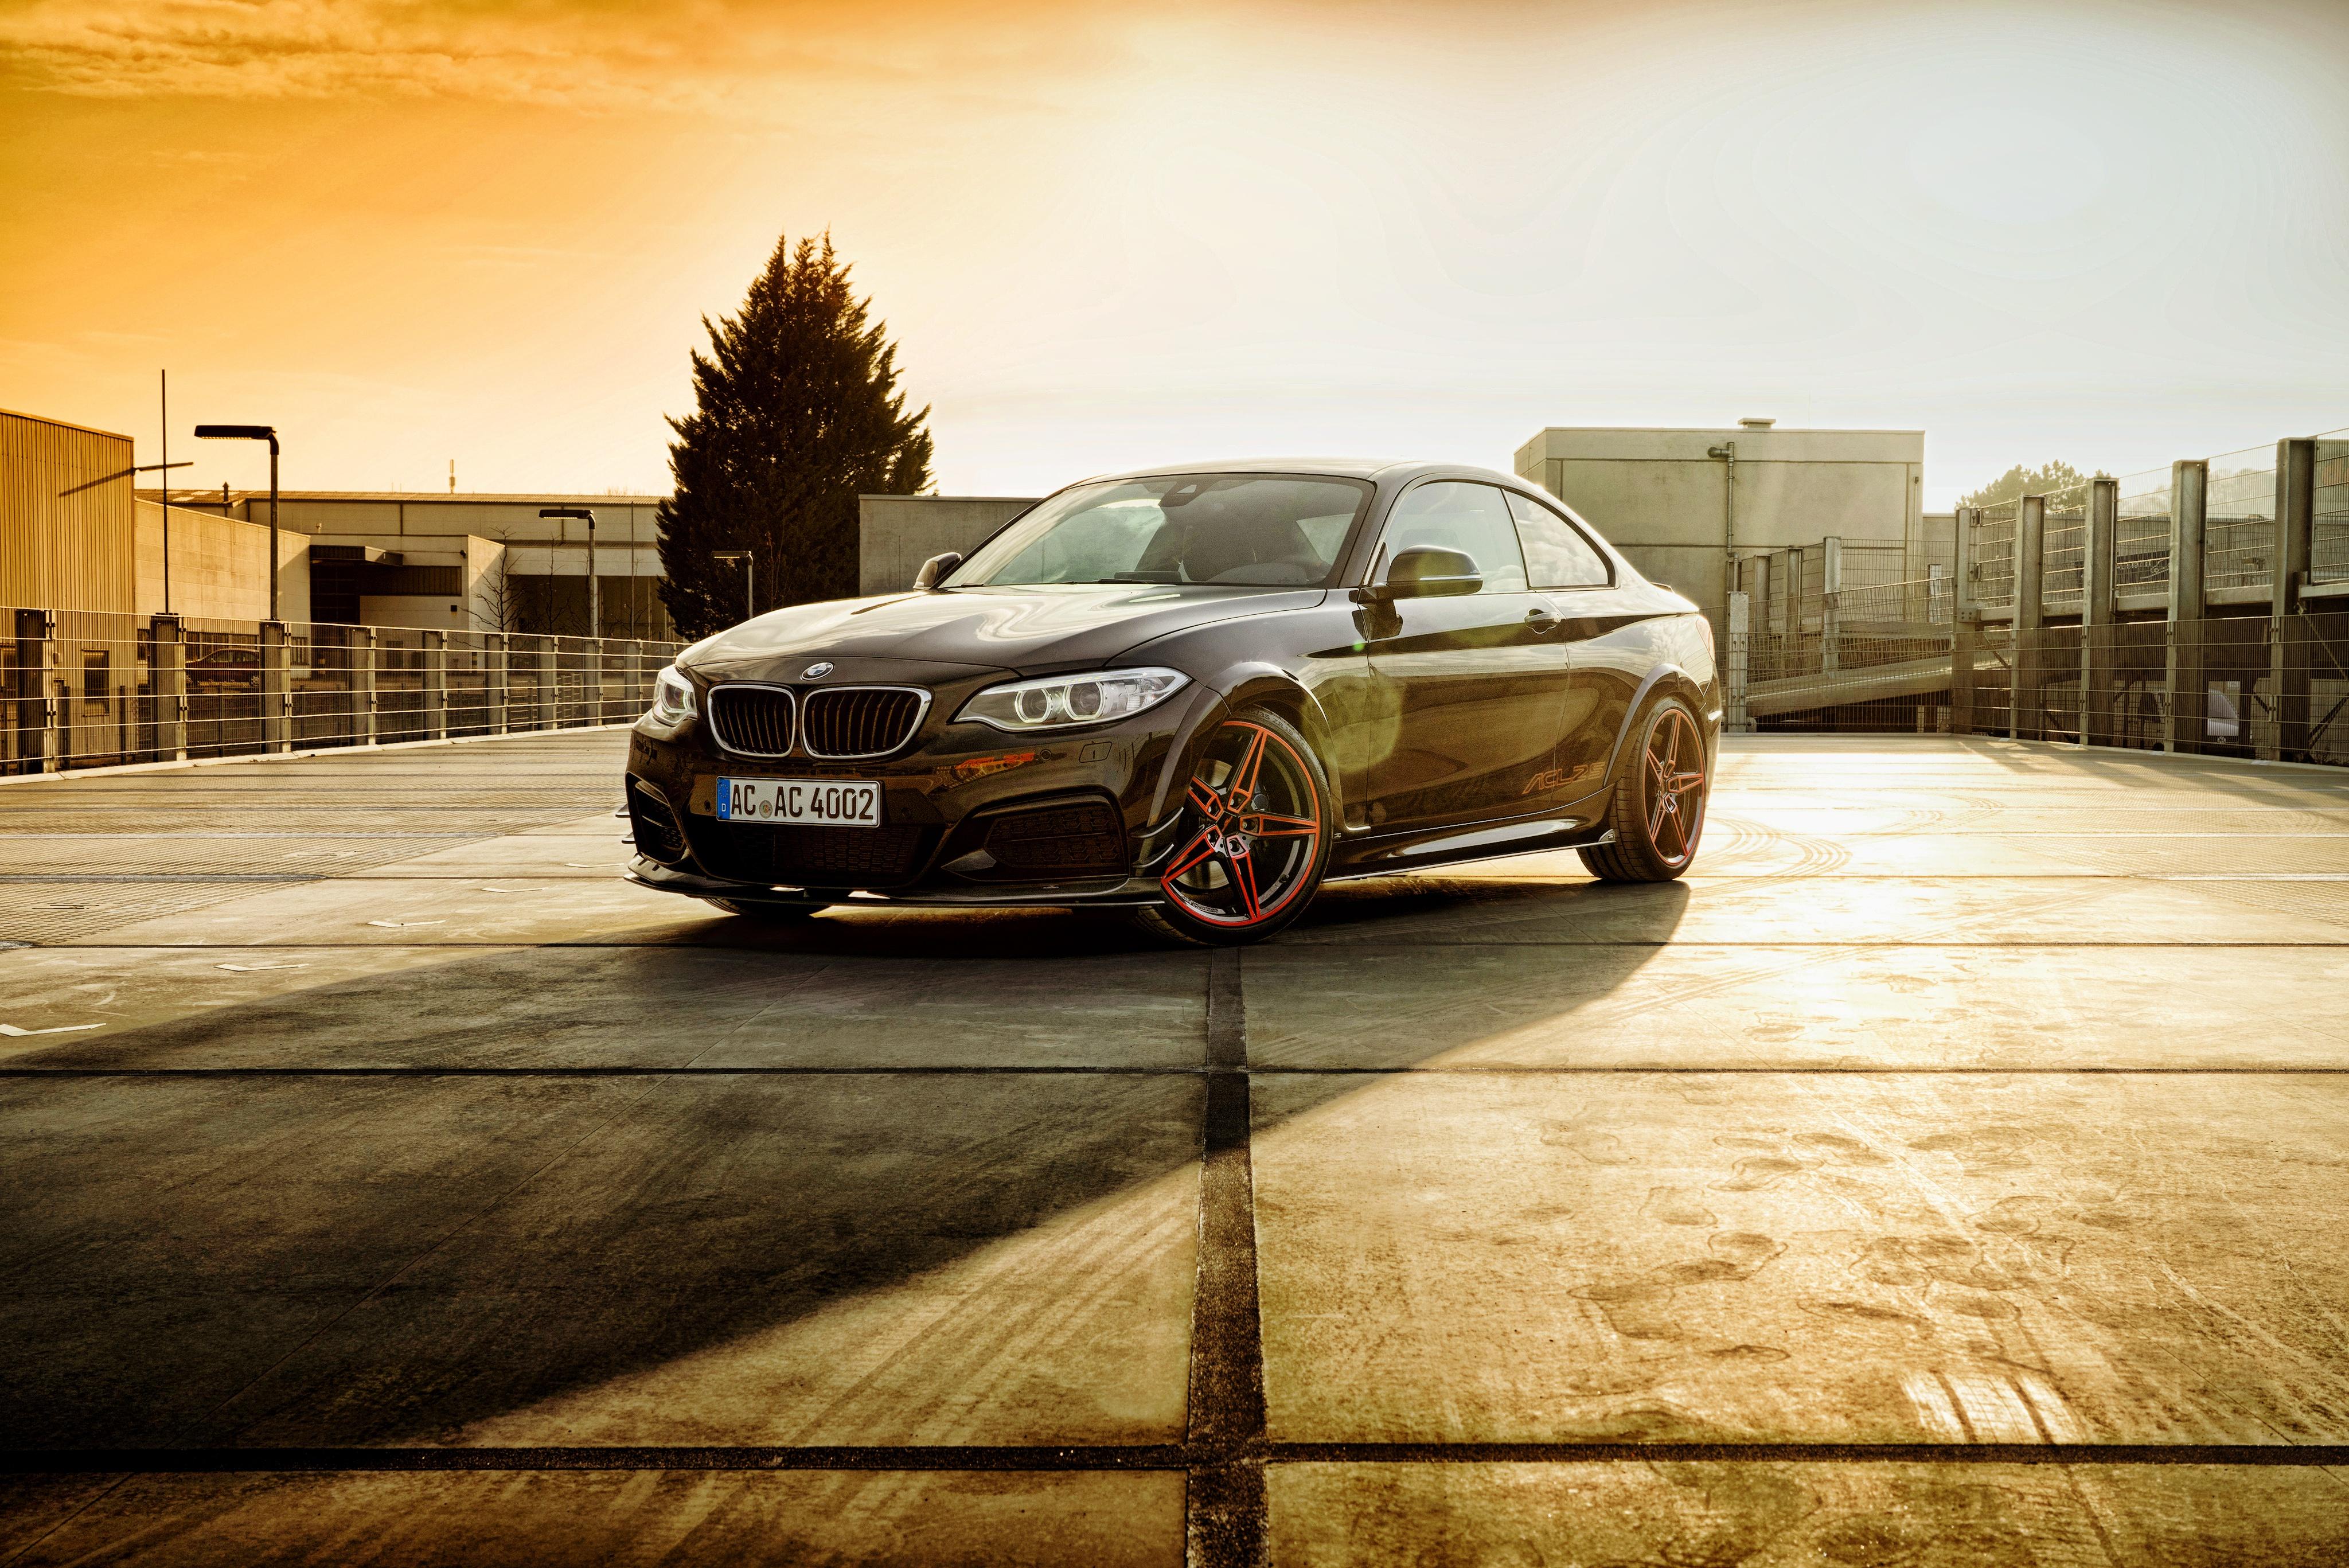 Фотографии BMW F22, 2-Series Купе Автомобили 4096x2734 БМВ авто машины машина автомобиль